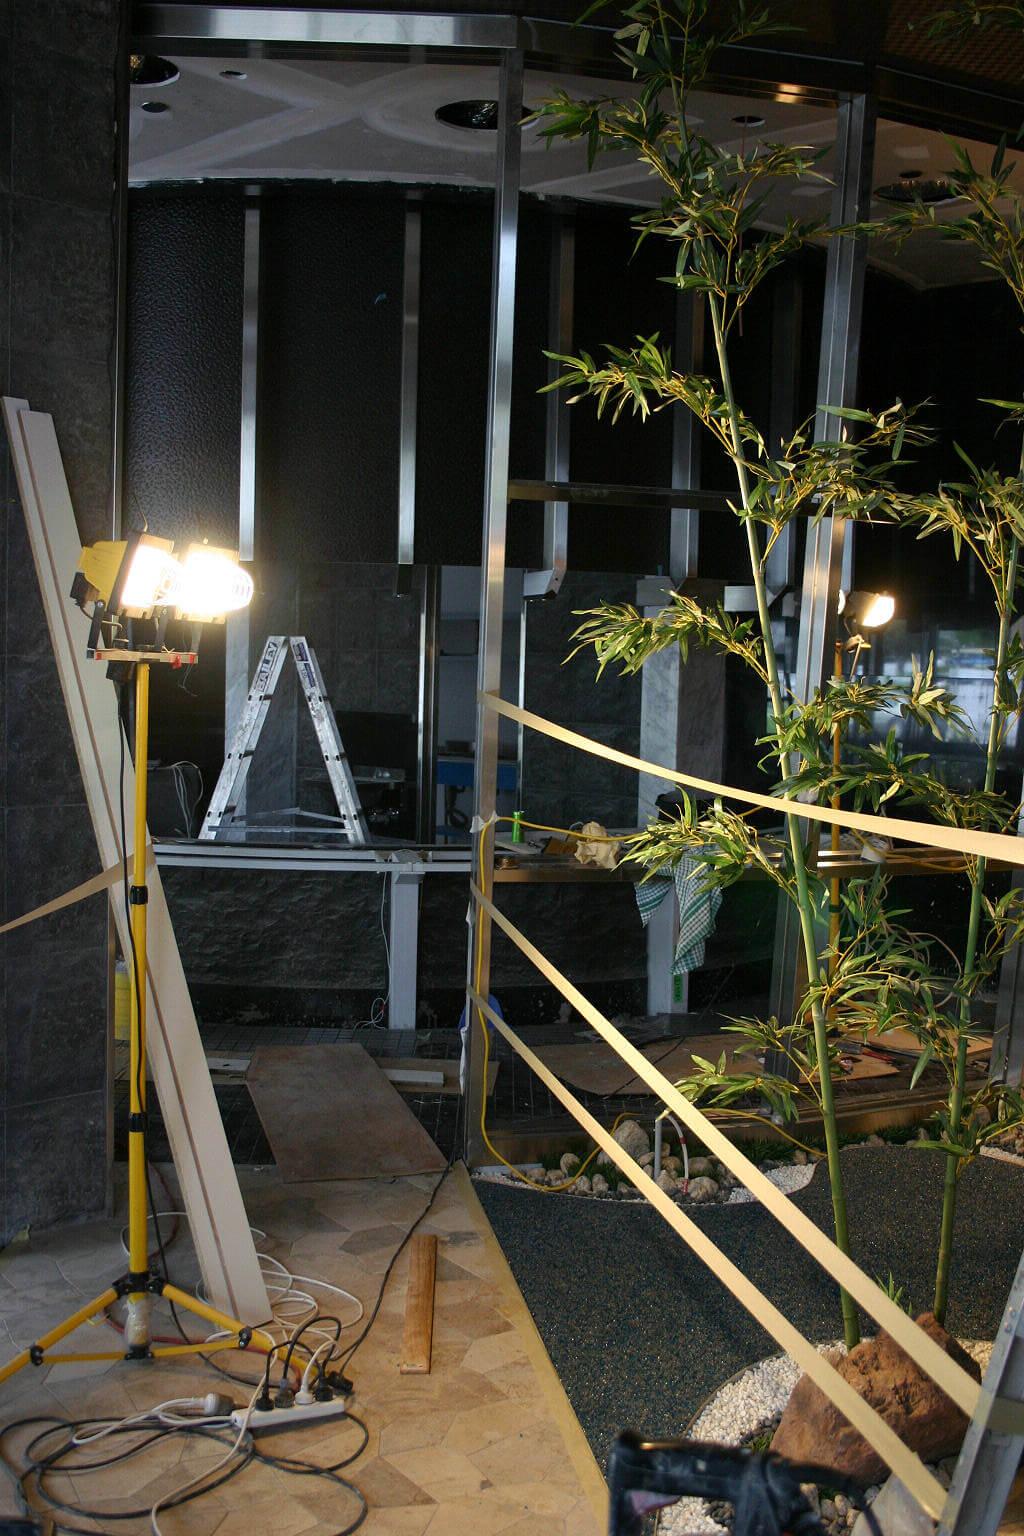 010 造園工事も弊社協力会社の職人が現地で施工